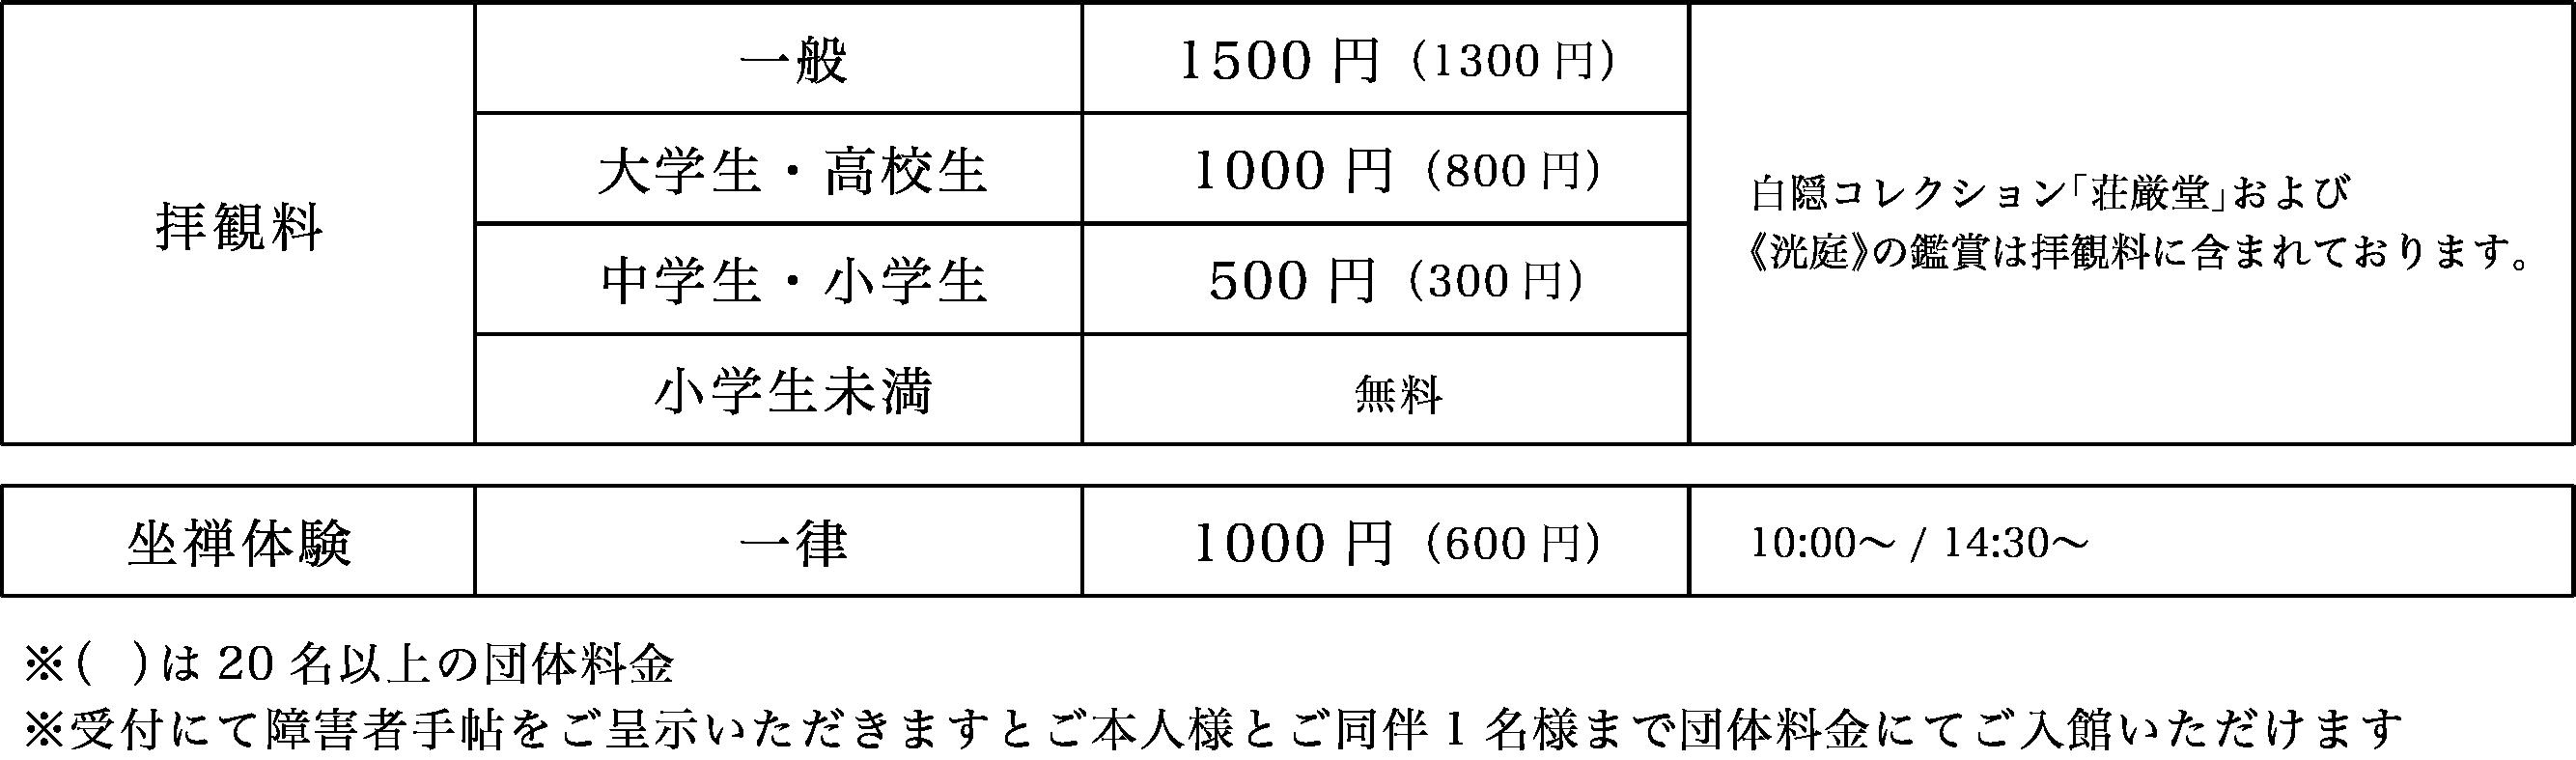 アセット 4300